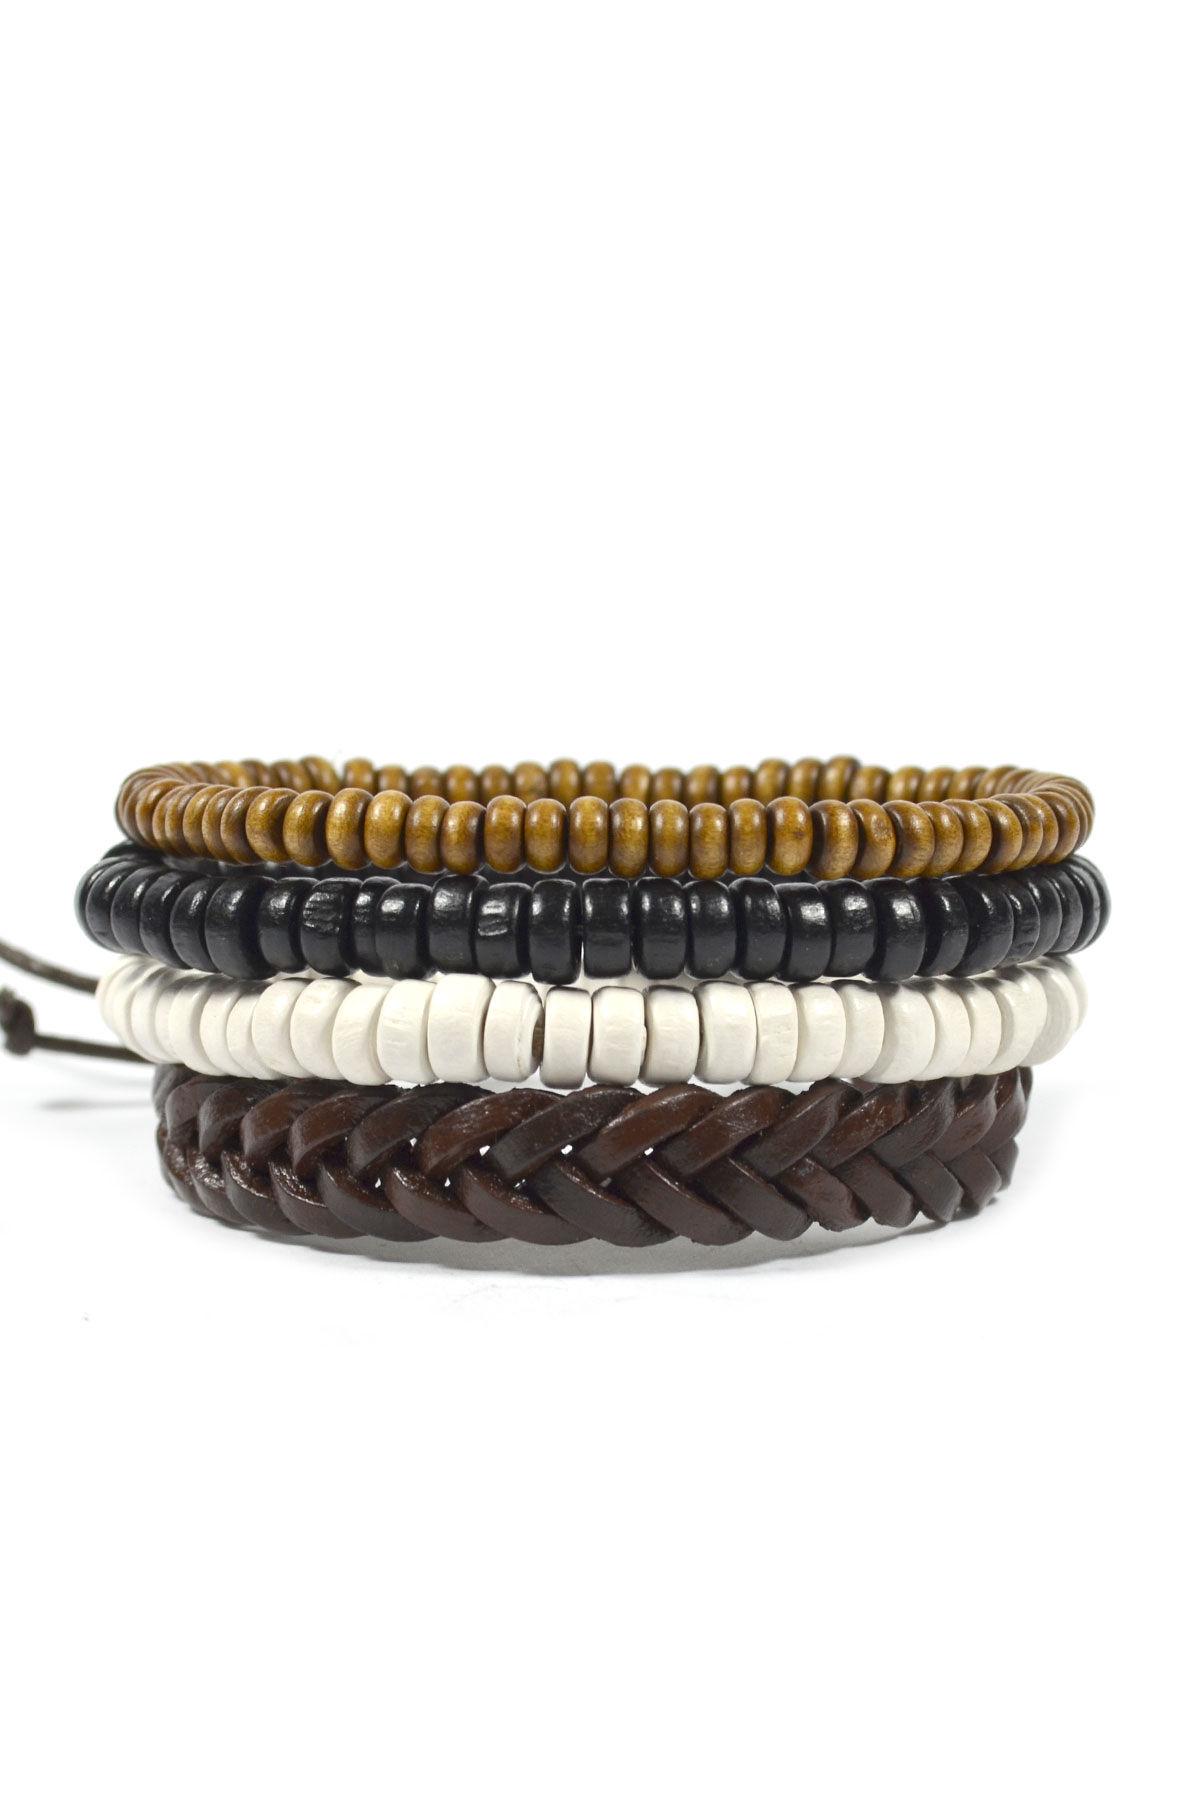 Image of 4 Pack Men's Original Bracelet Set